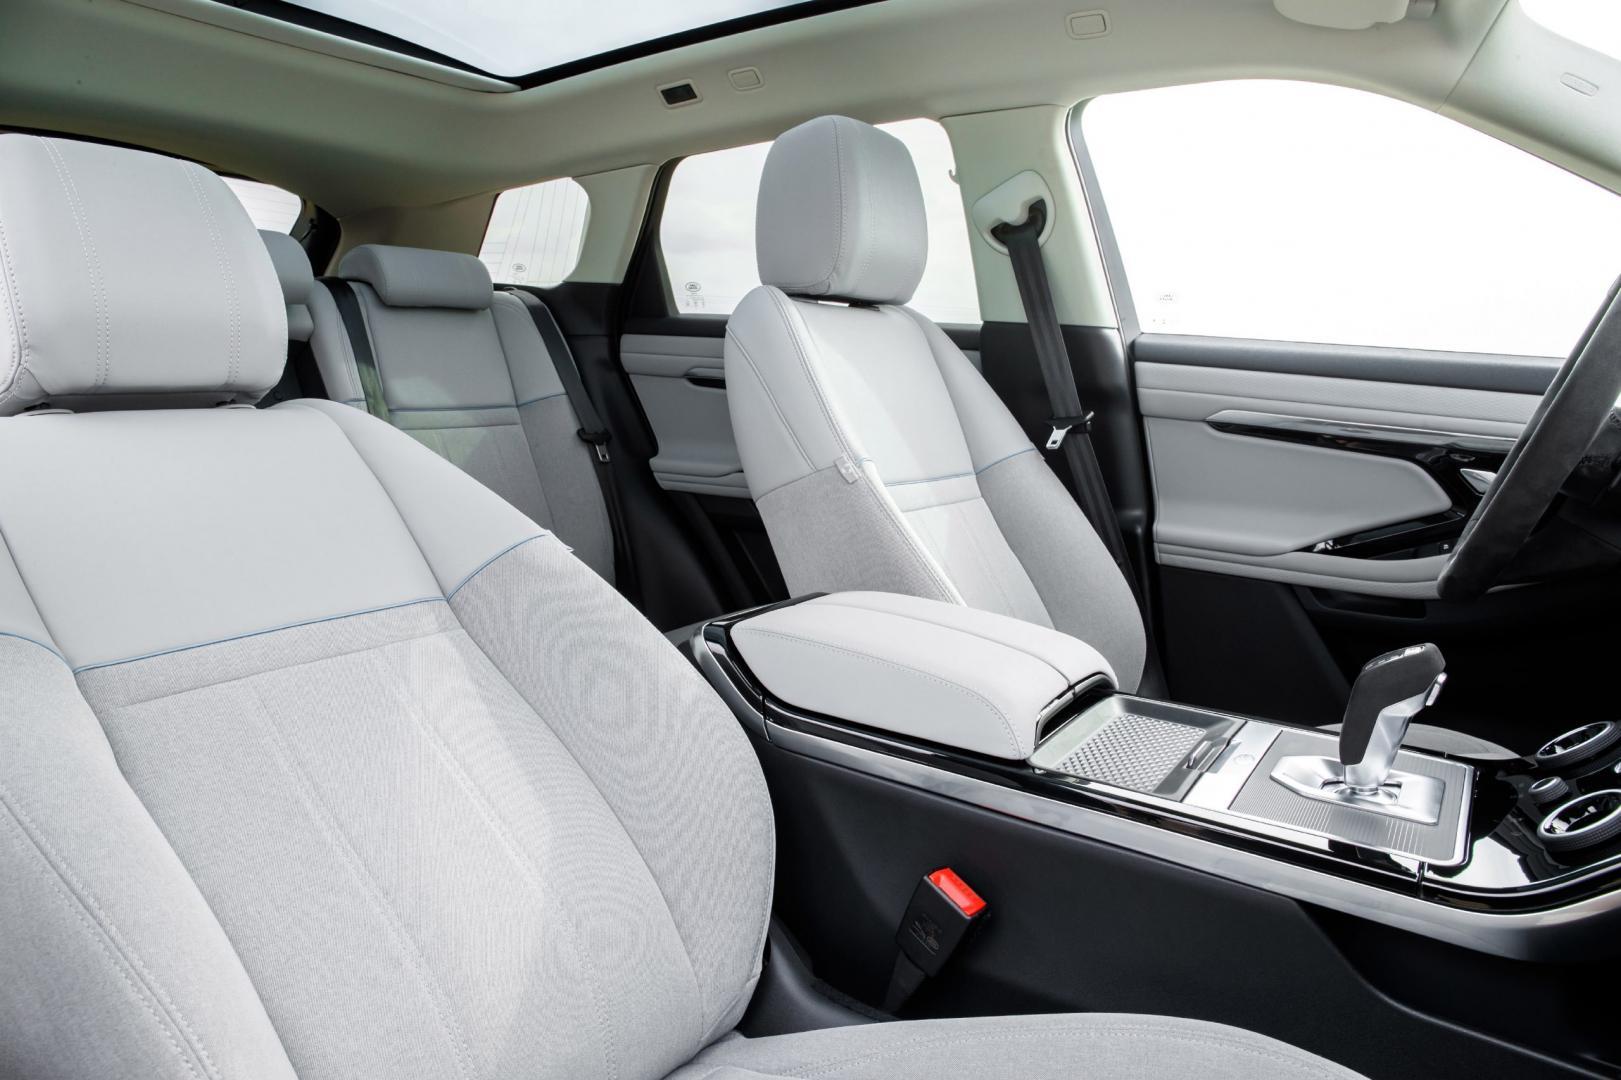 Range Rover Evoque S voorstoel